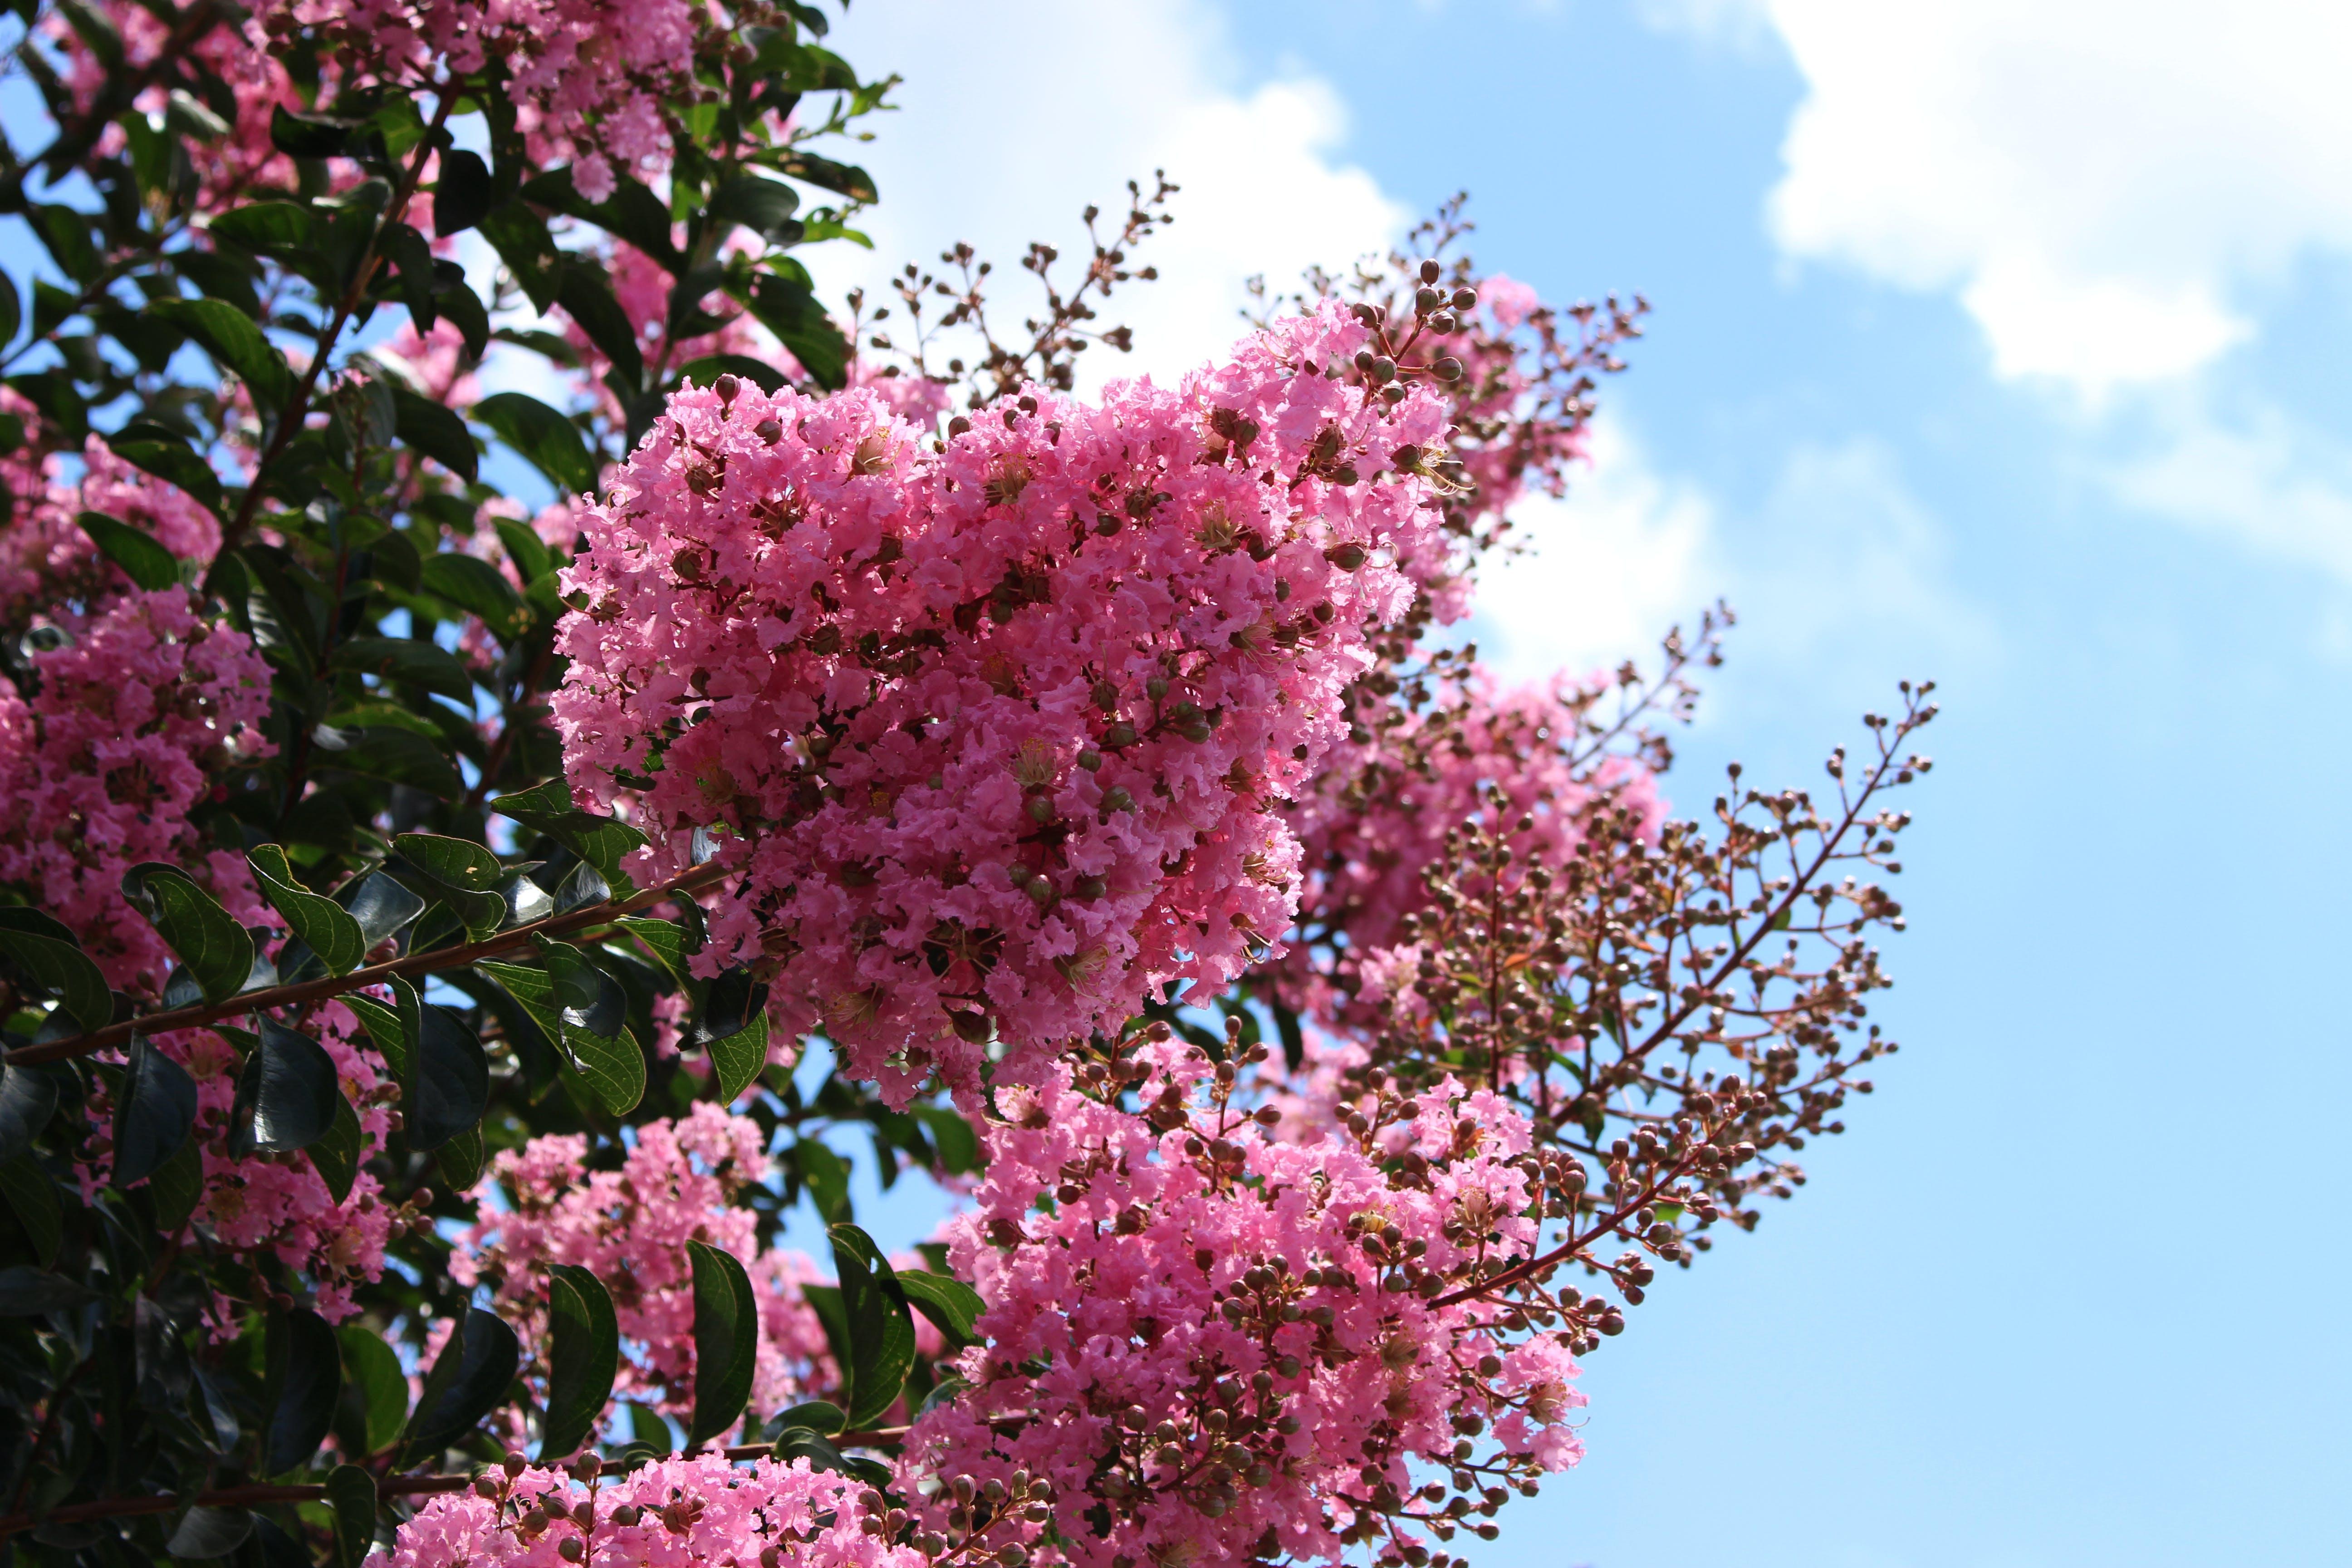 Δωρεάν στοκ φωτογραφιών με ηλιόλουστη μέρα, ηλιόλουστος, λουλούδια, ροζ λουλούδια